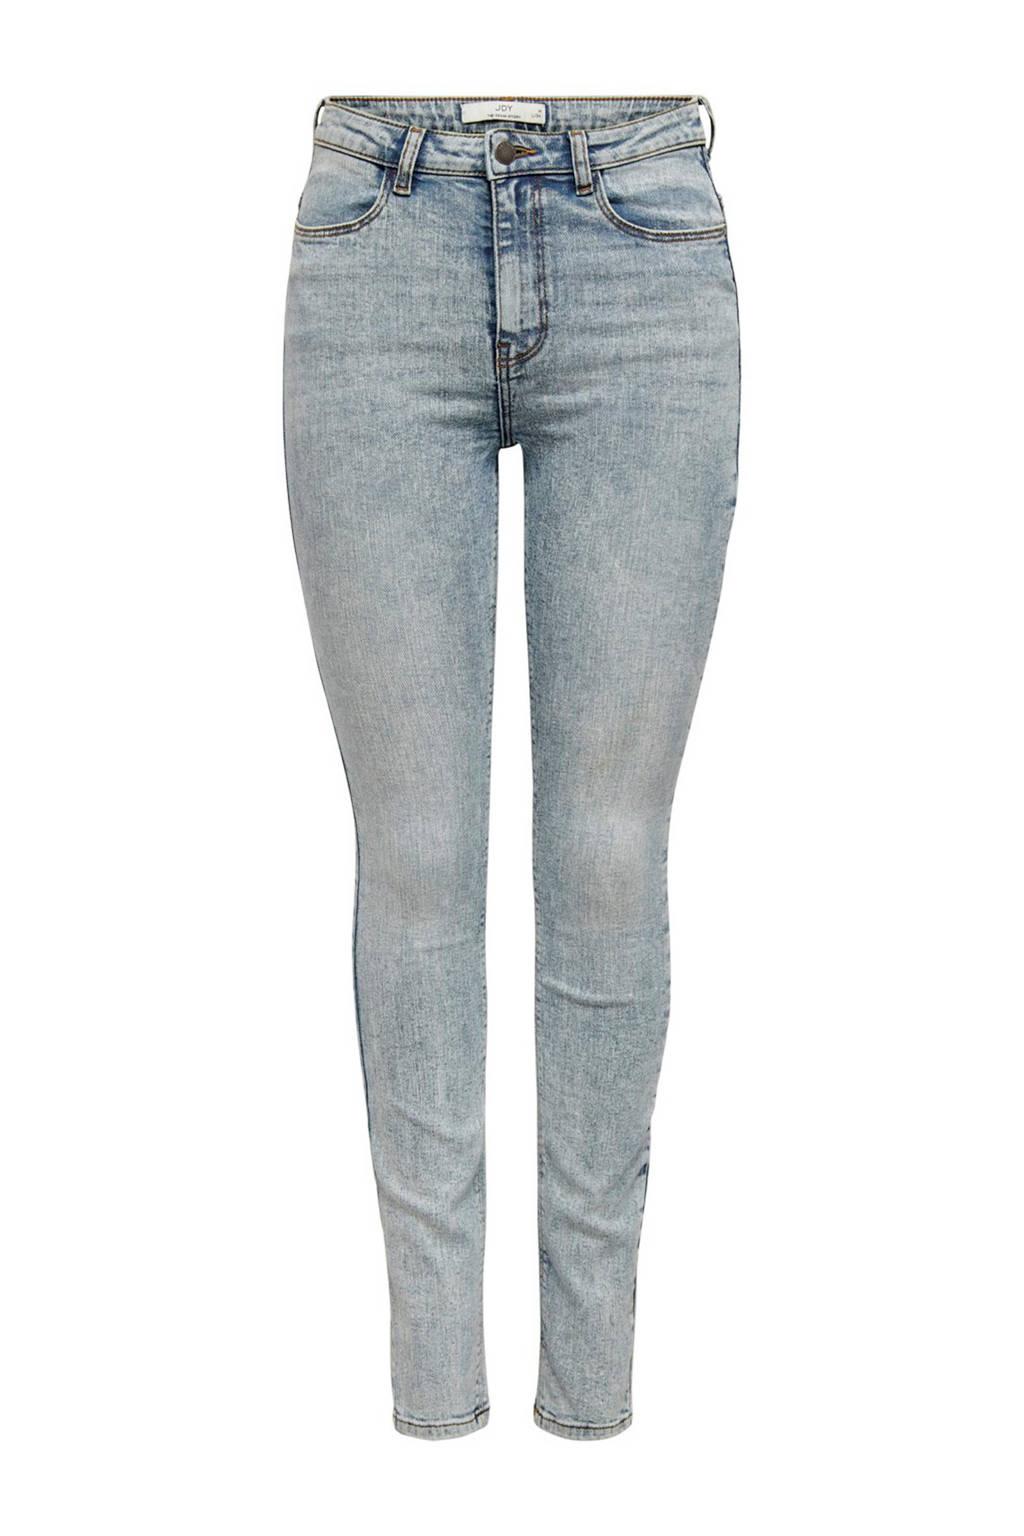 JACQUELINE DE YONG high waist skinny jeans lichtblauw, Lichtblauw